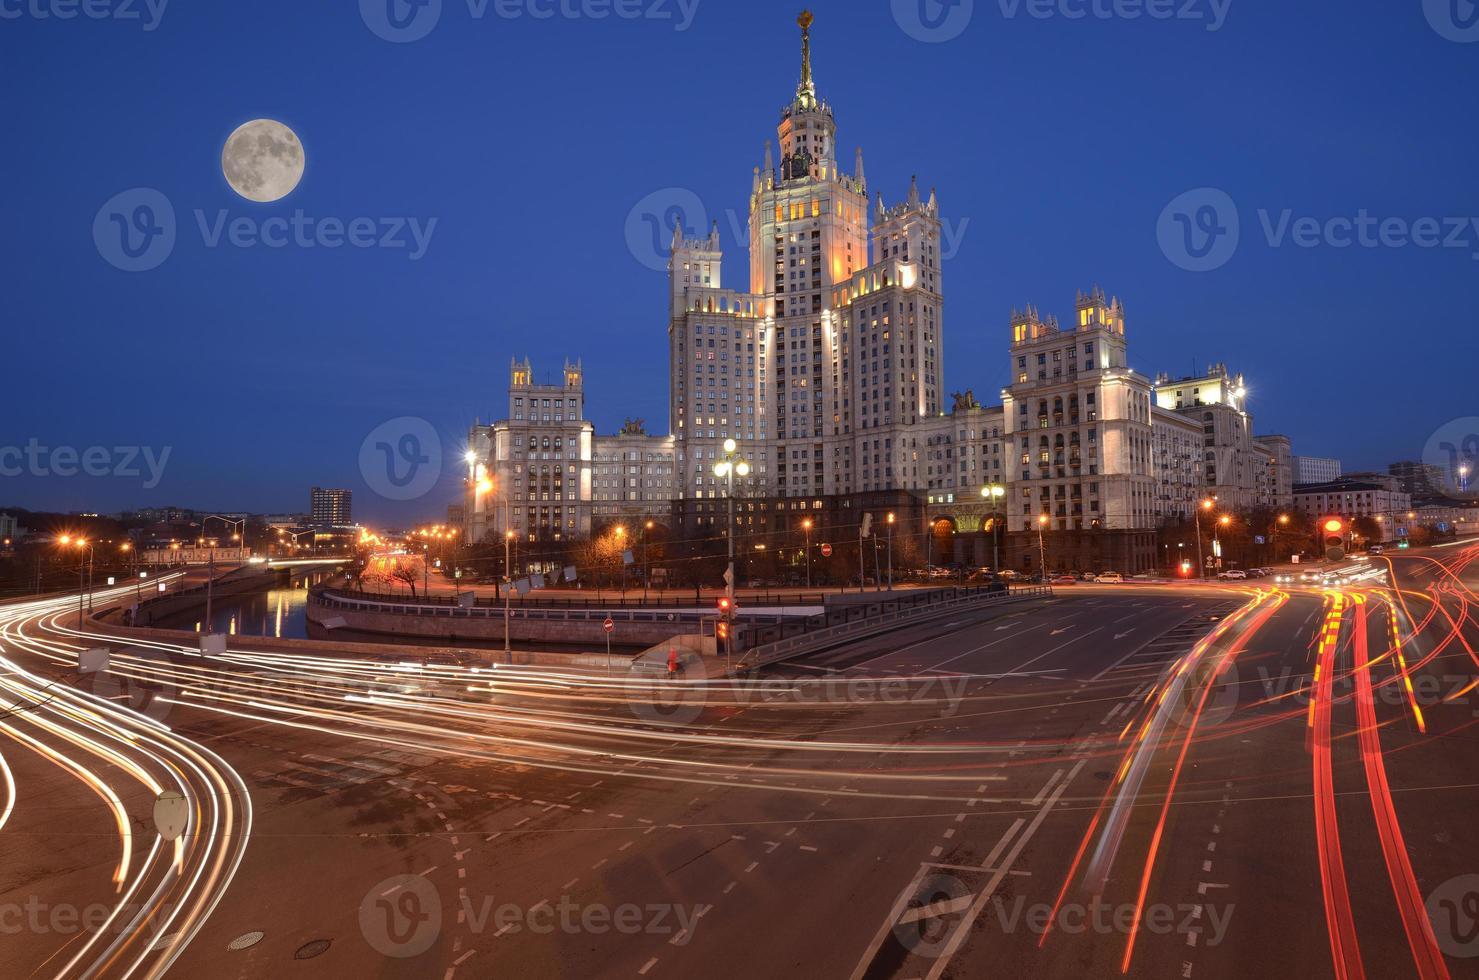 ruas à beira do rio no centro histórico de Moscou. foto